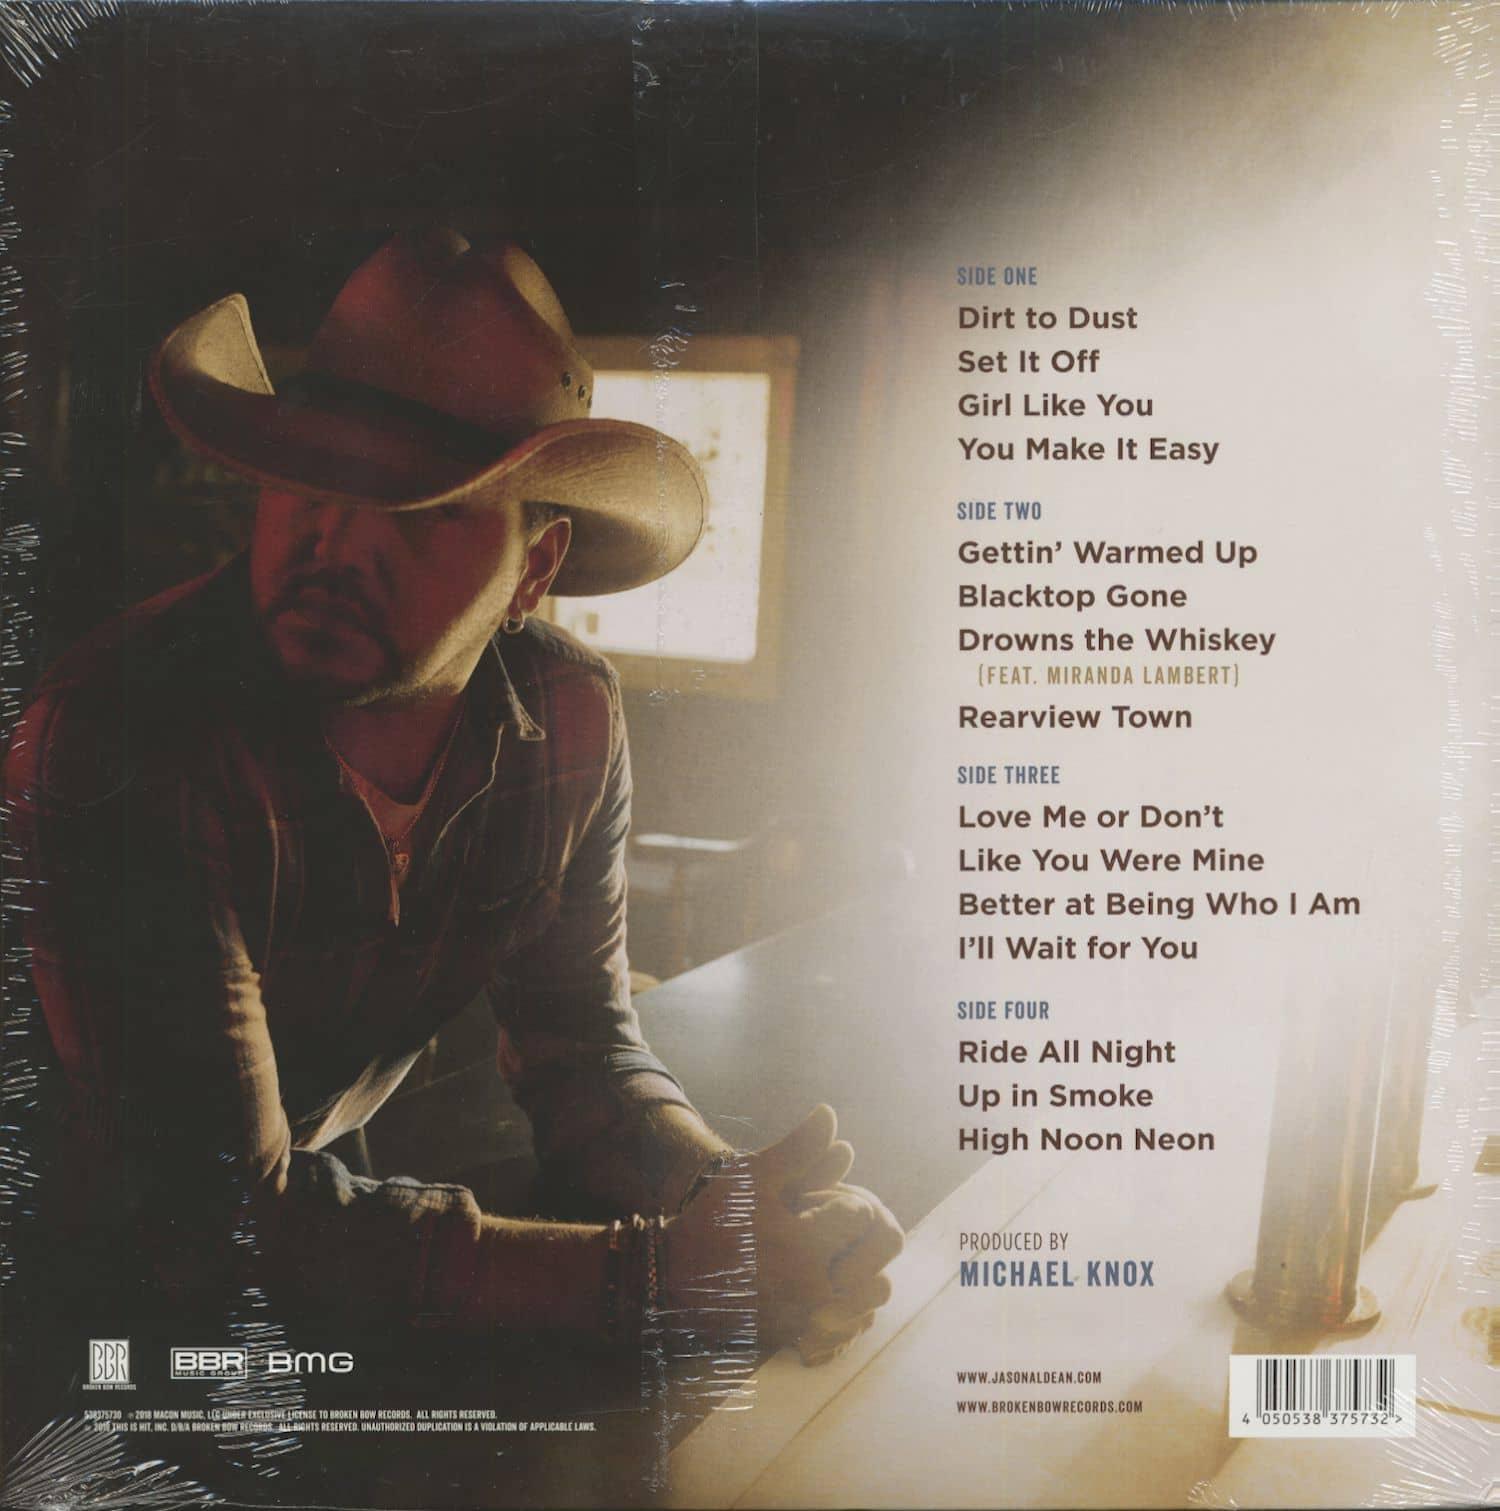 Rearview Town Jason Aldean: Jason Aldean LP: Rearview Town (2-LP)